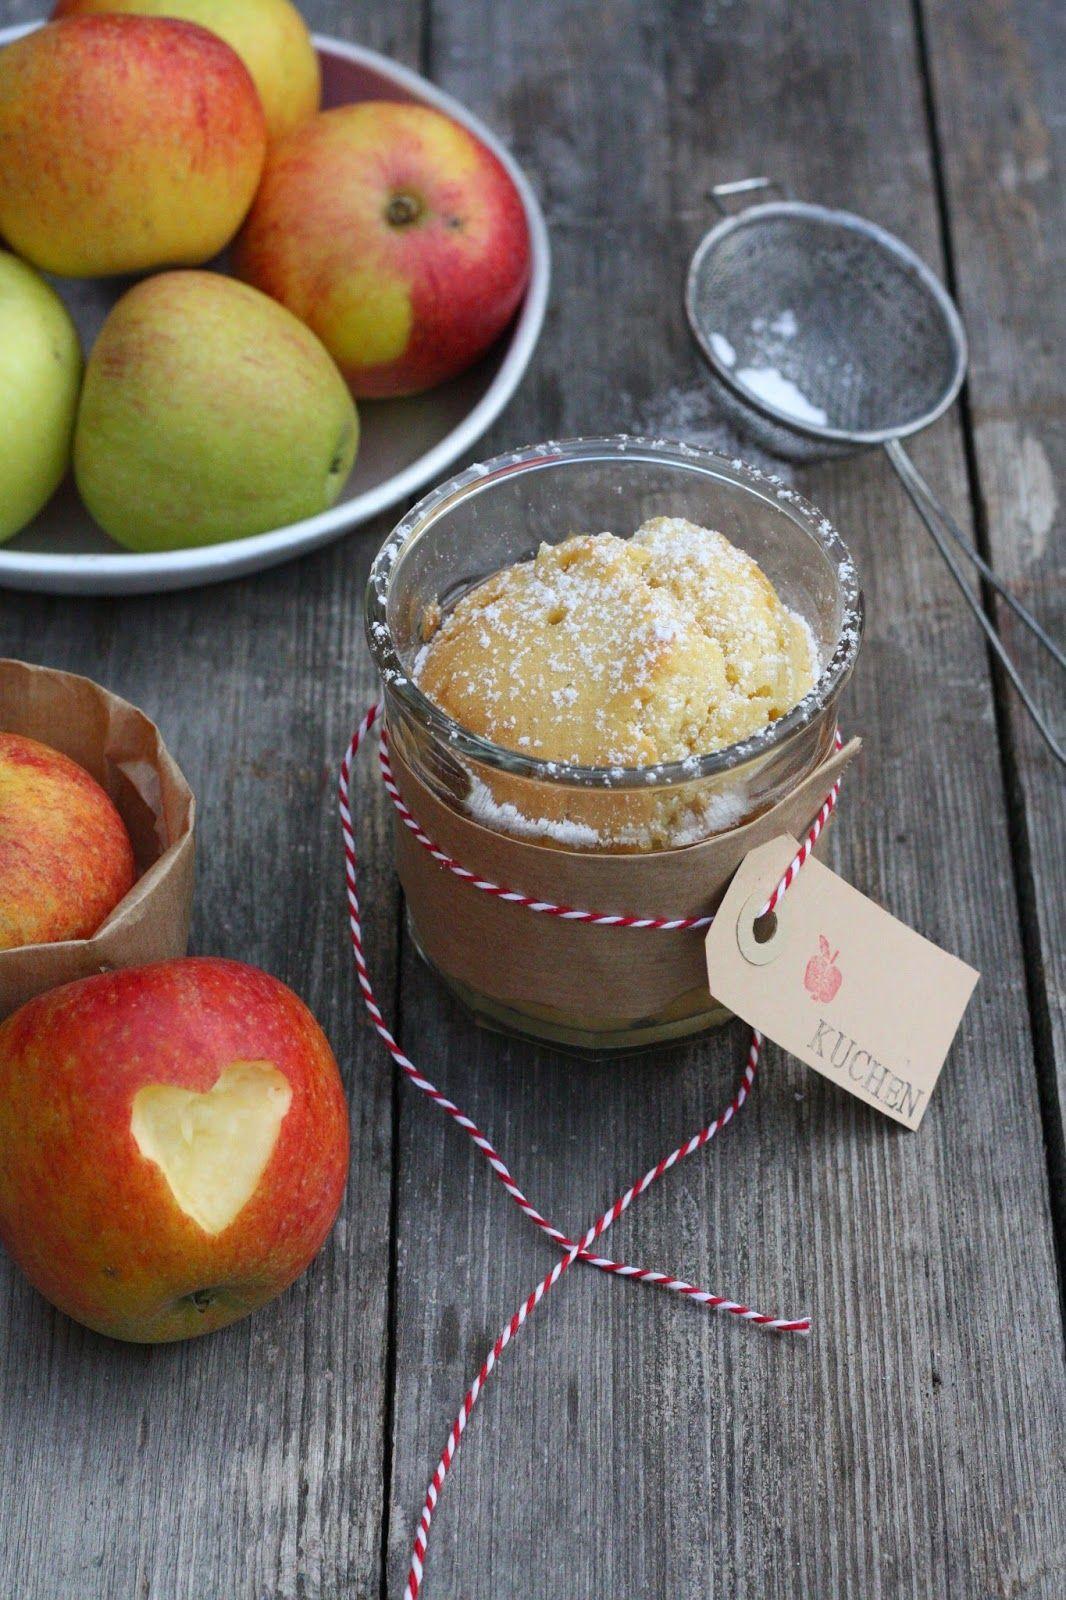 HerzStück: Zweierlei Apfelkuchen, Kuchen im Apfel, Apfelkuchen im Glas, applecake